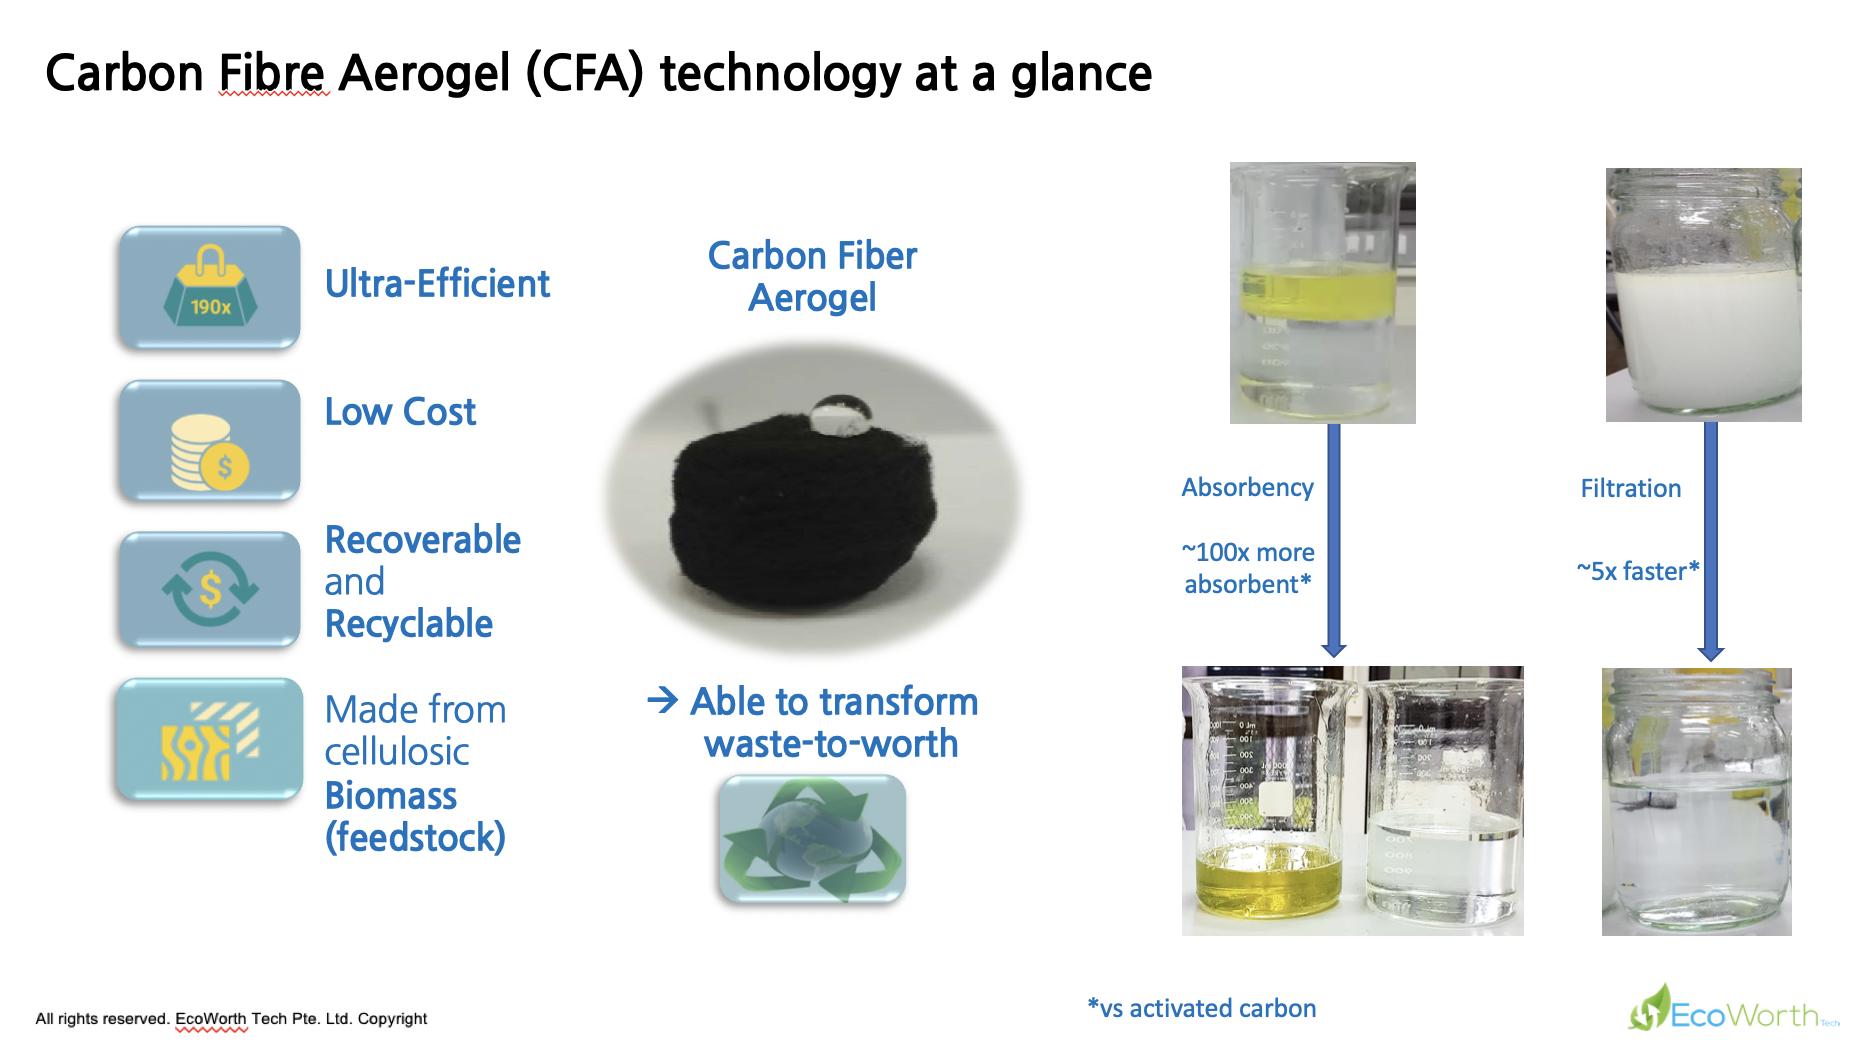 Gallery Carbon Fibre Aerogel (CFA) 2